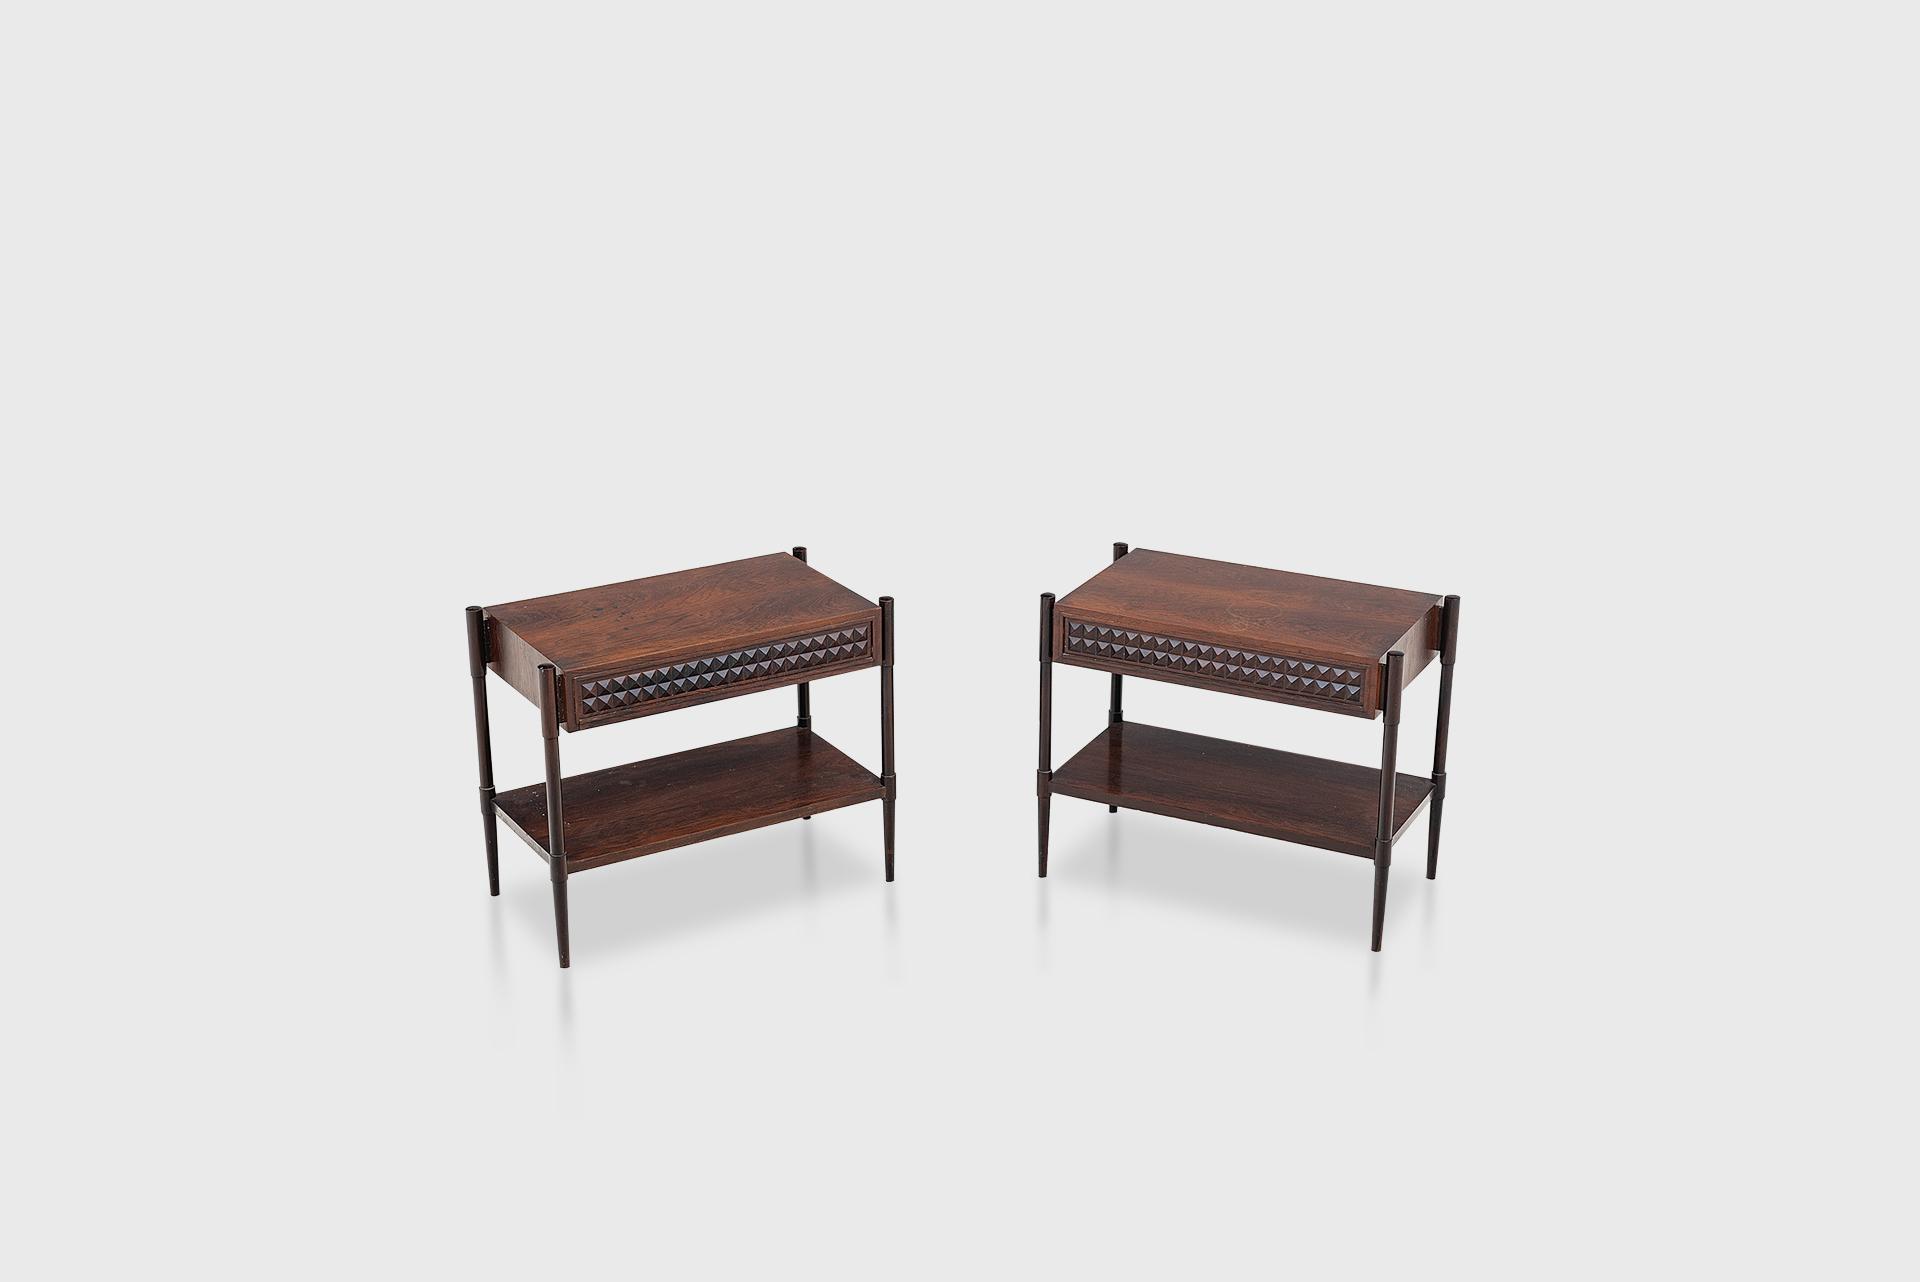 Pair of bedside tables Manufactured by Tenreiro Móveis e Decorações Brazil, 1960s Jacaranda wood